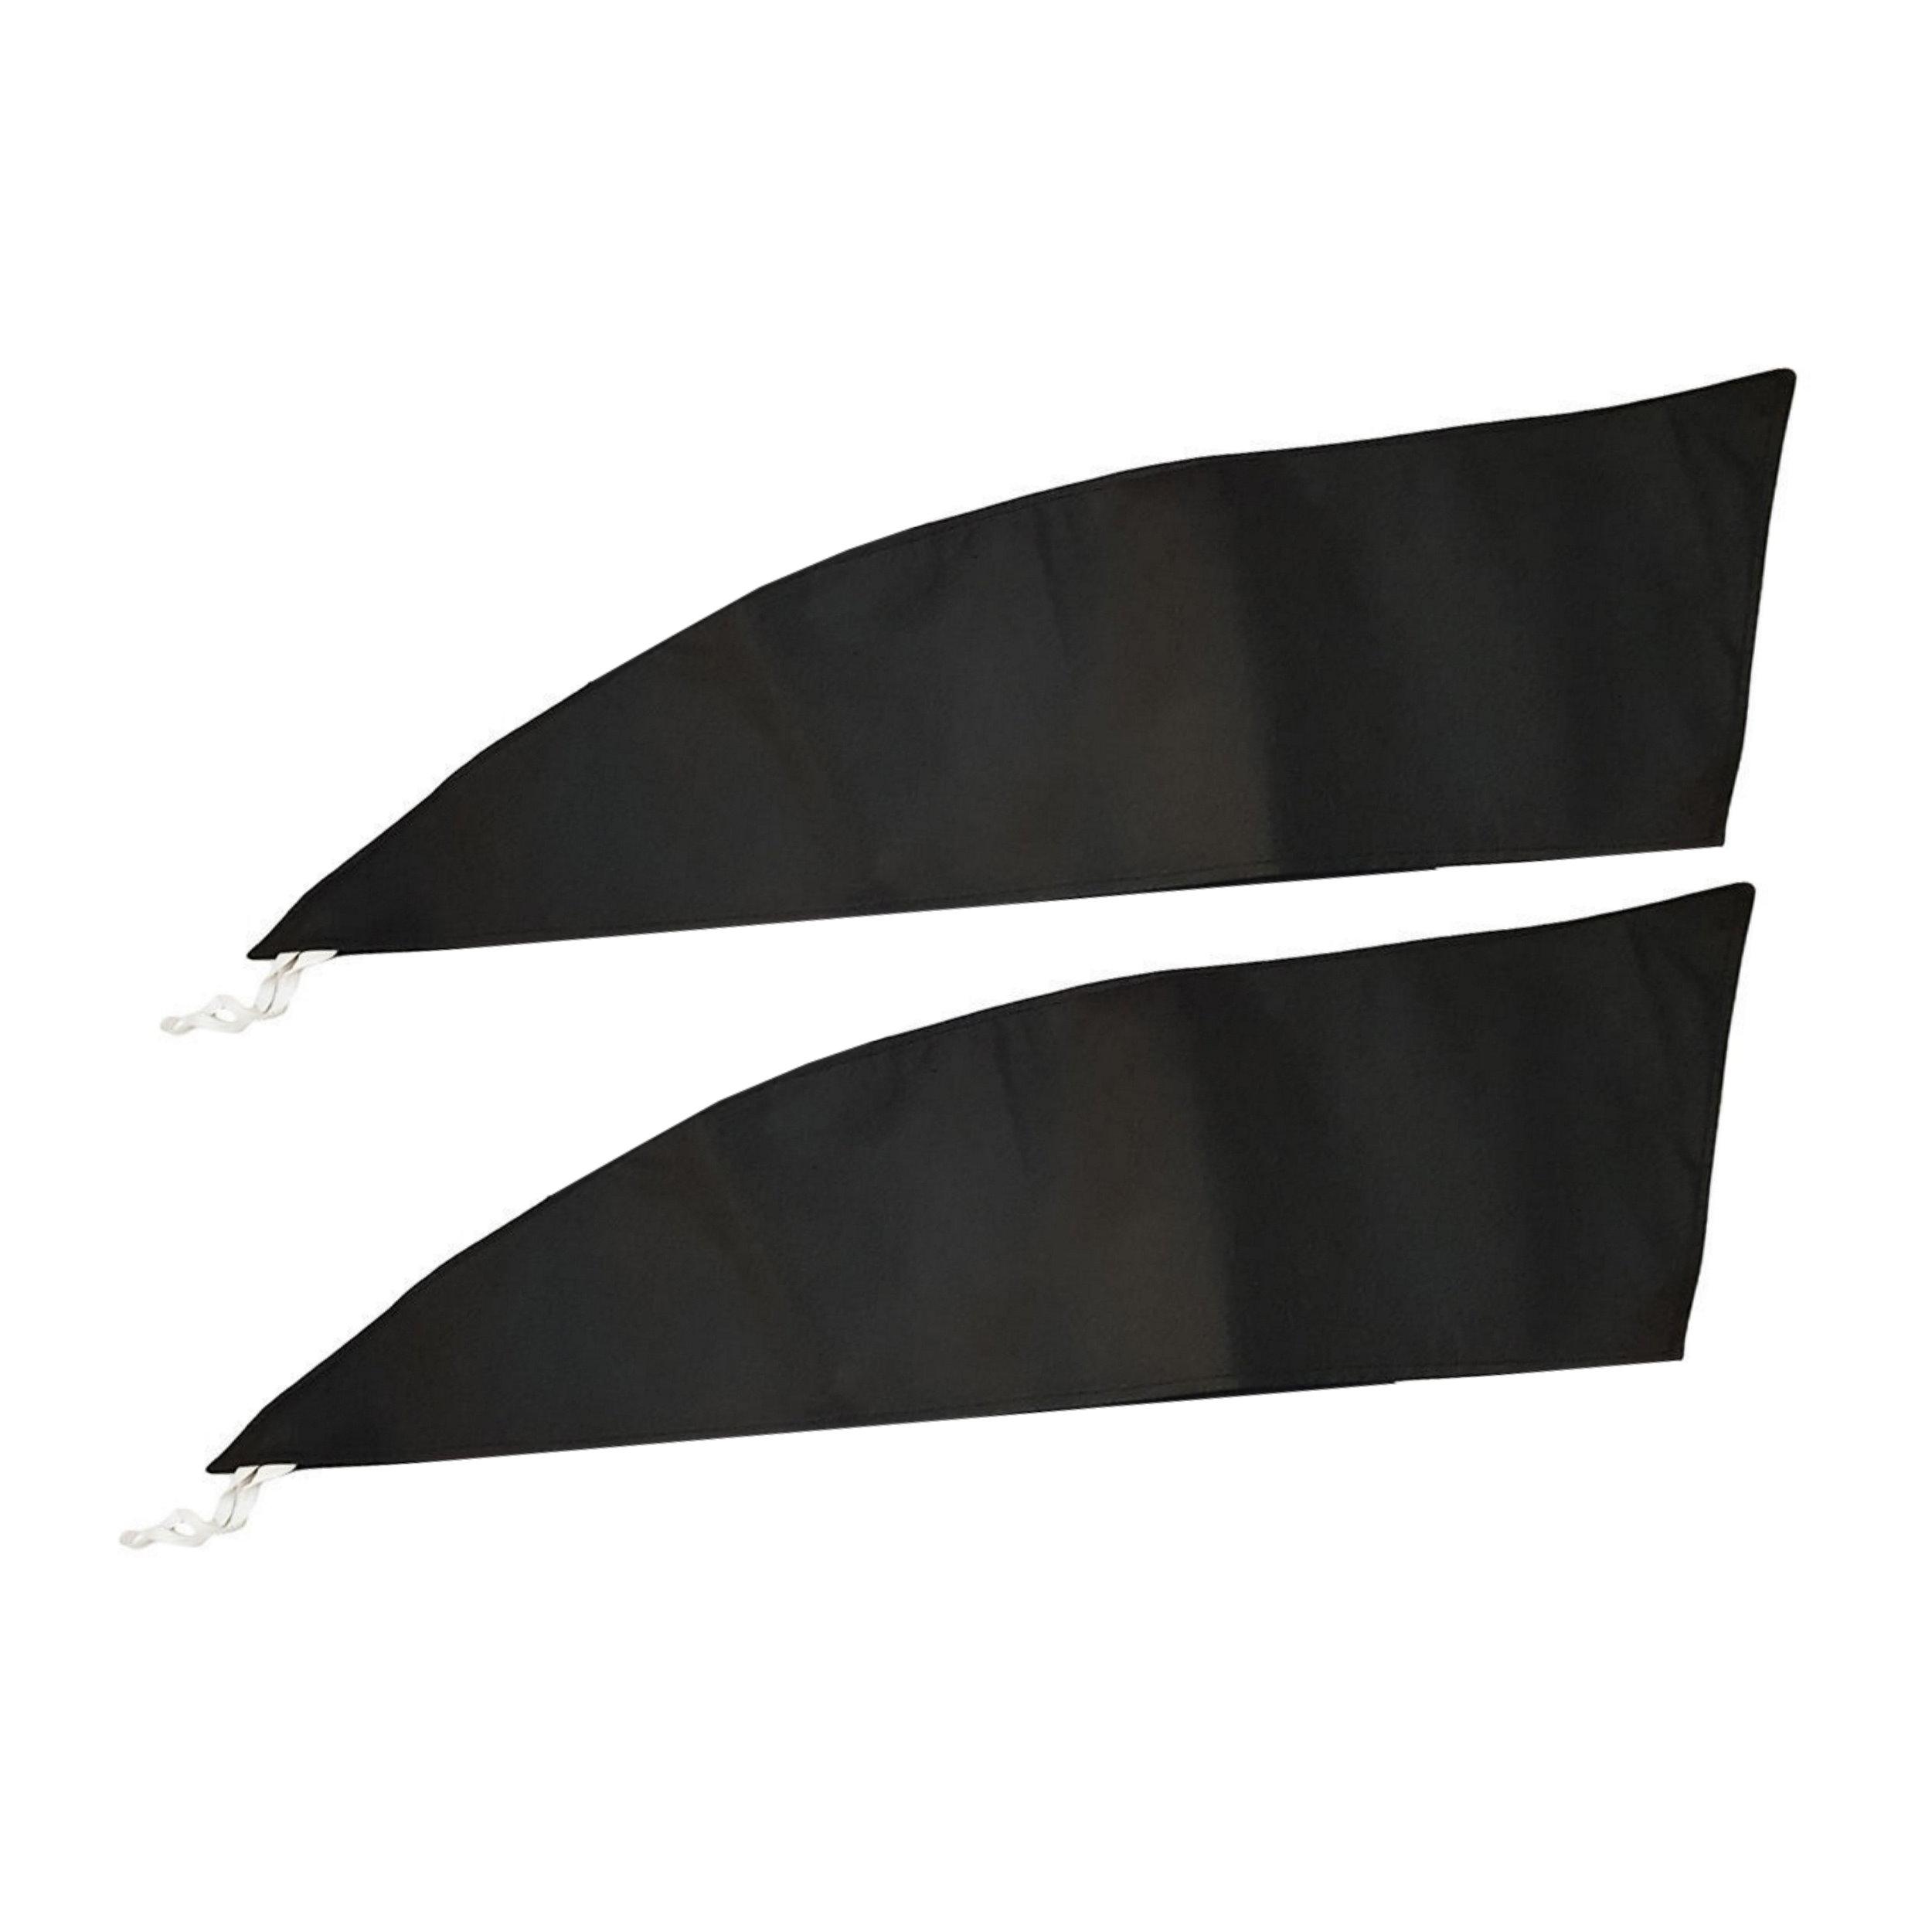 آفتاب گیر شیشه خودرو مدل PZ01 مناسب برای نیسان بسته 2 عددی